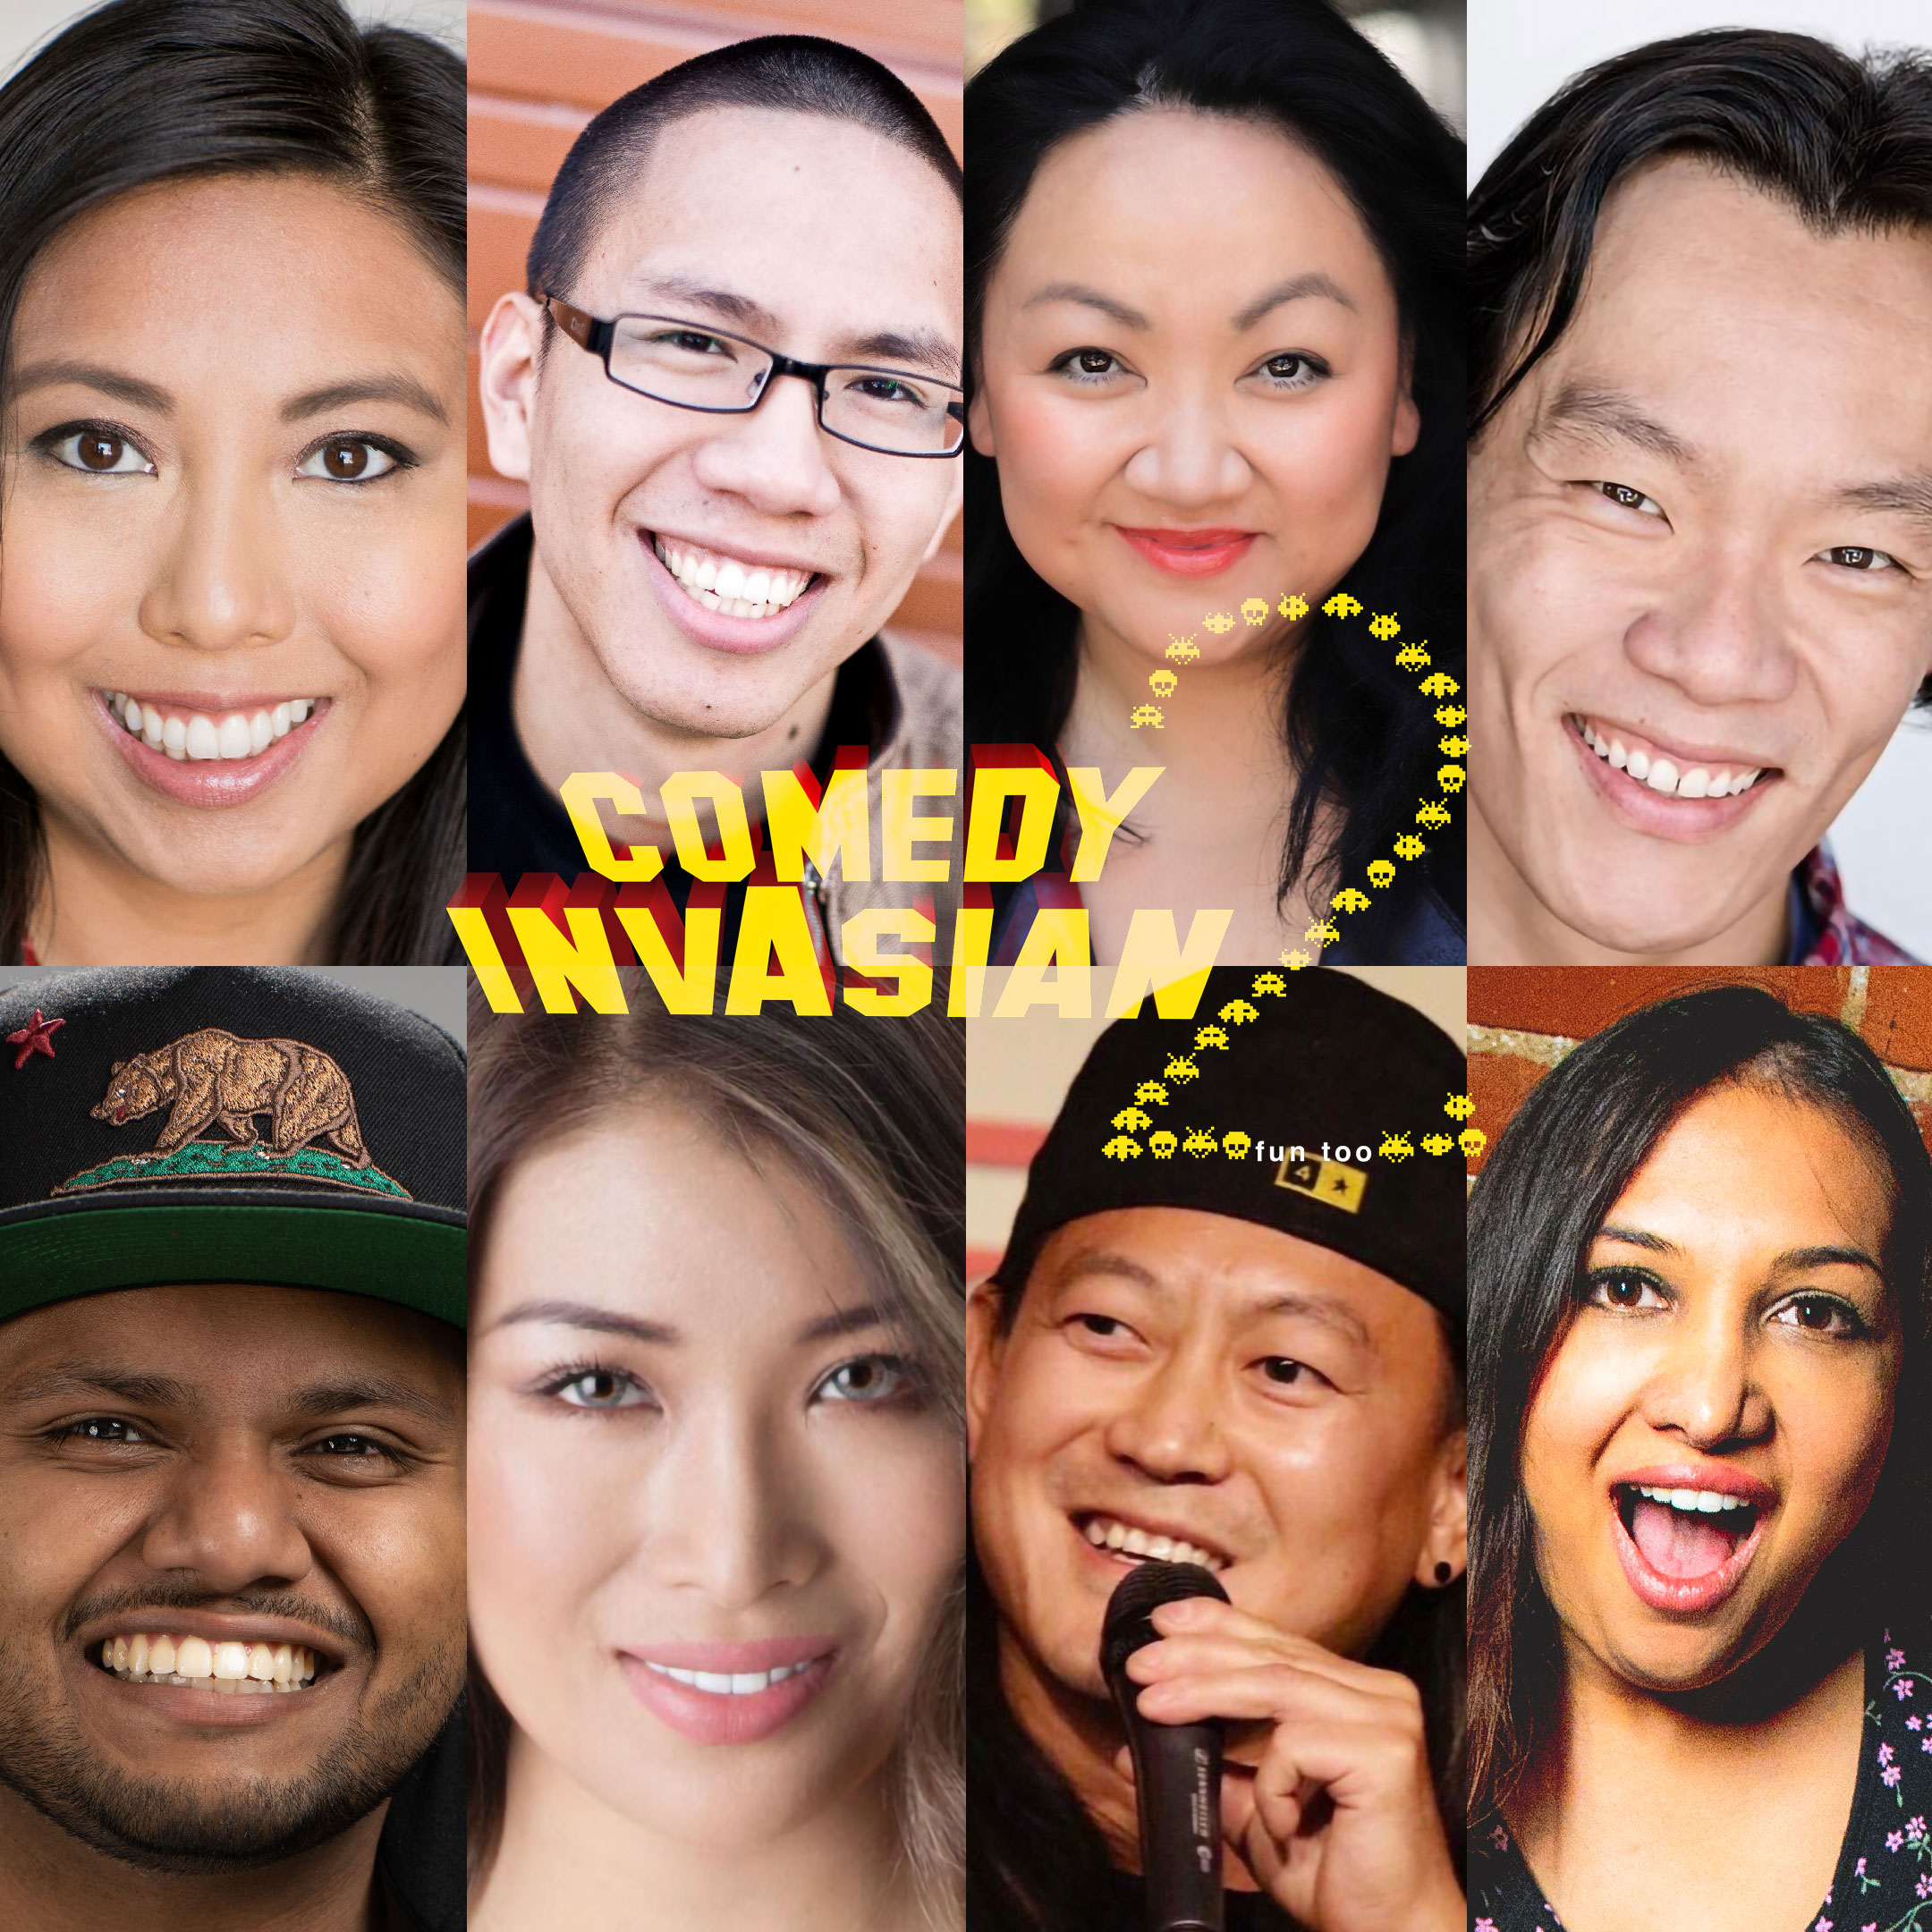 Comedy Invasians 2.0 via Matt Rivera for use by 360 Magazine